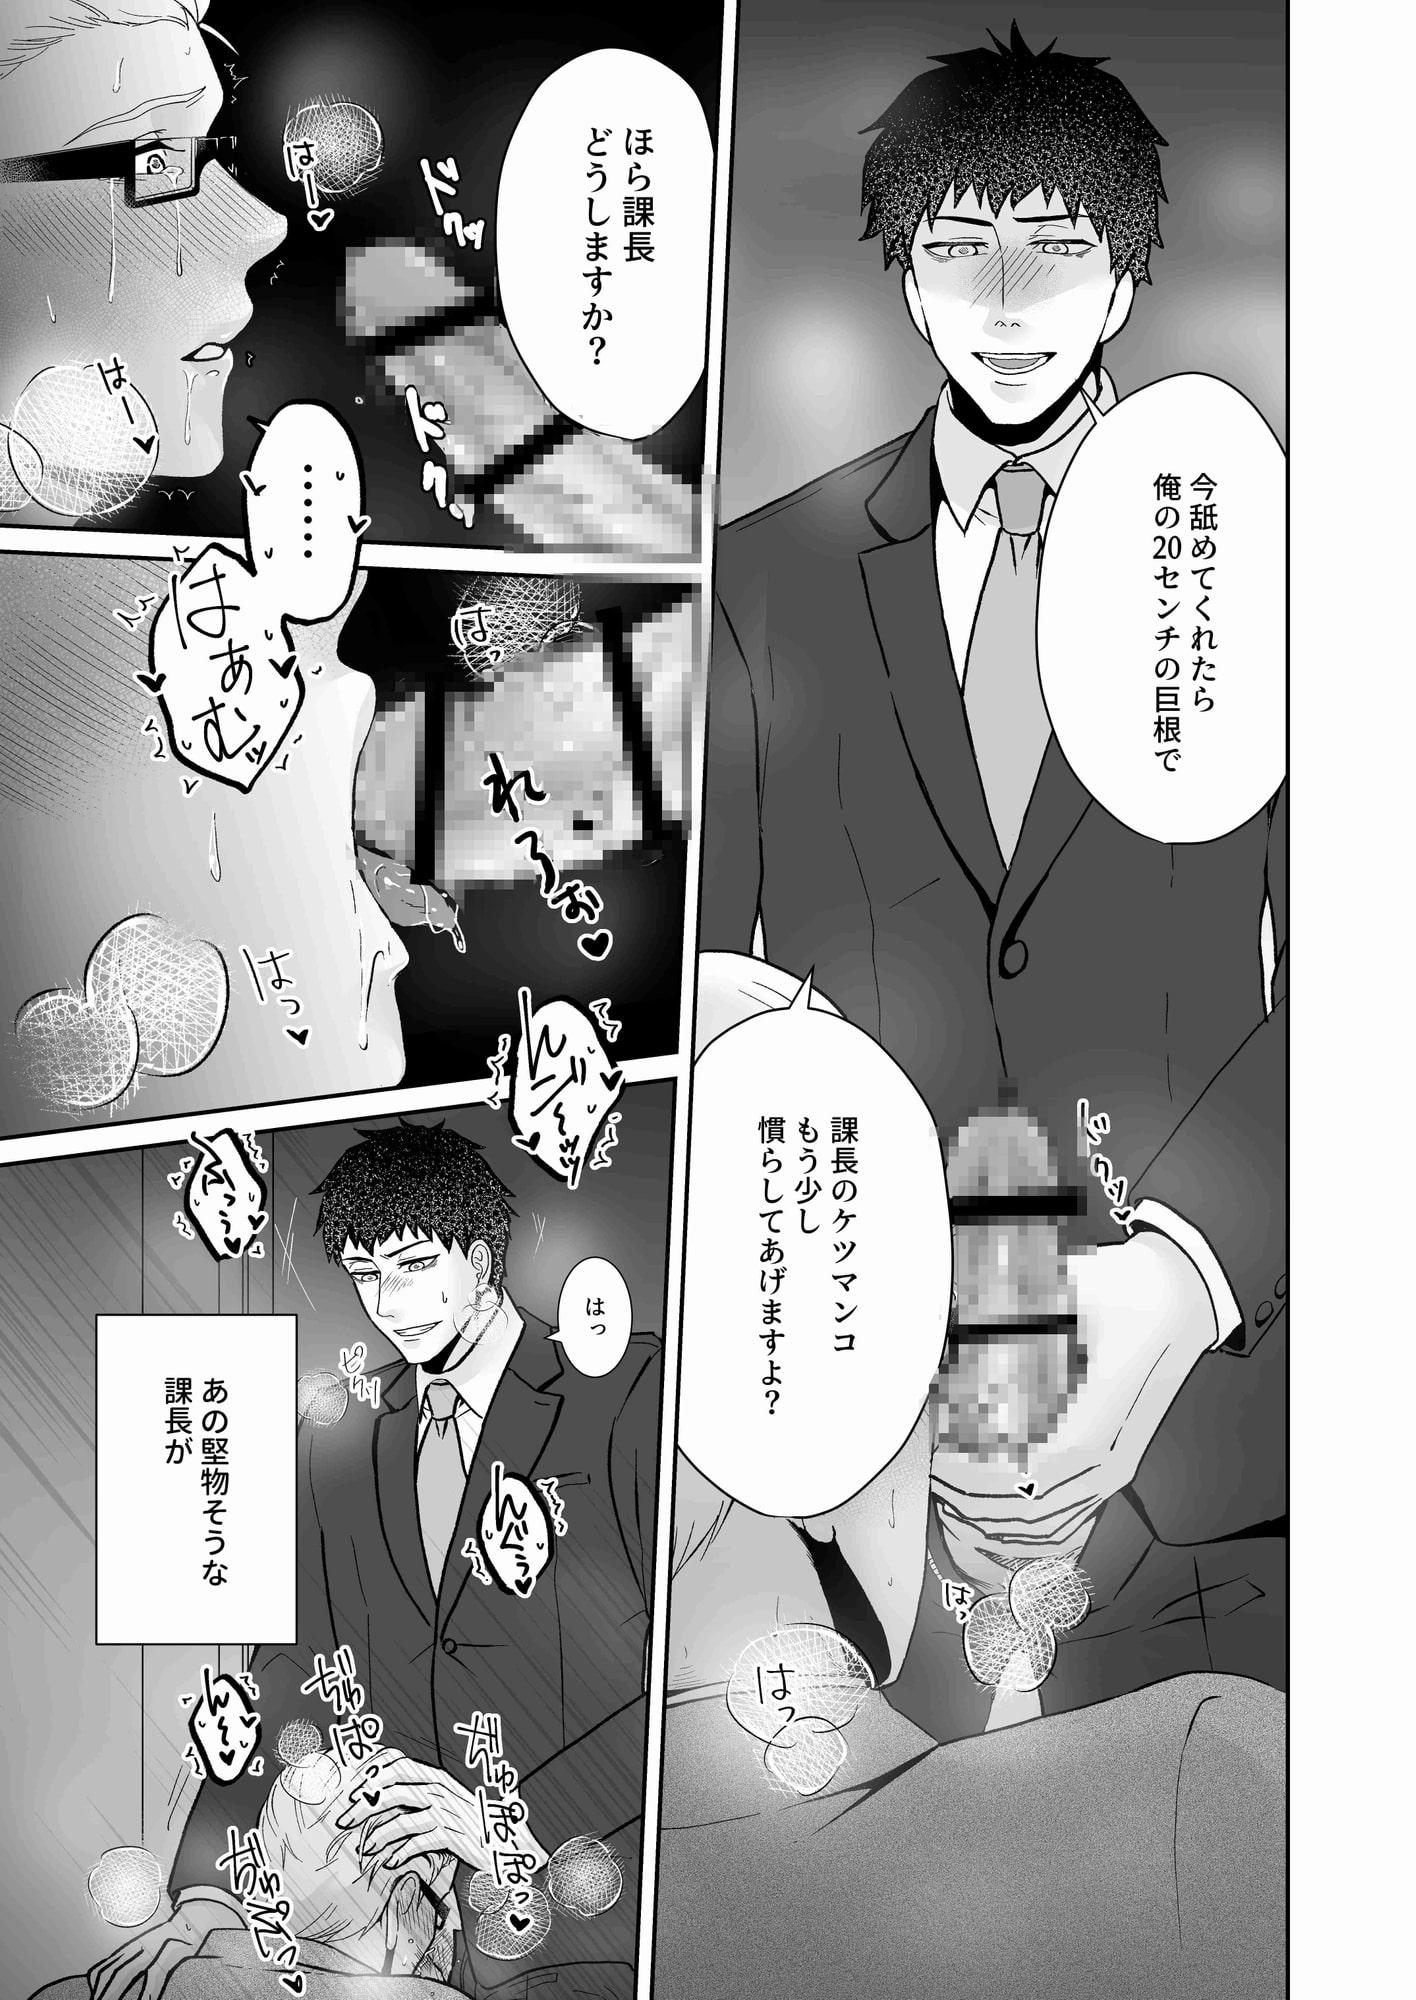 田神課長は慣らされたい